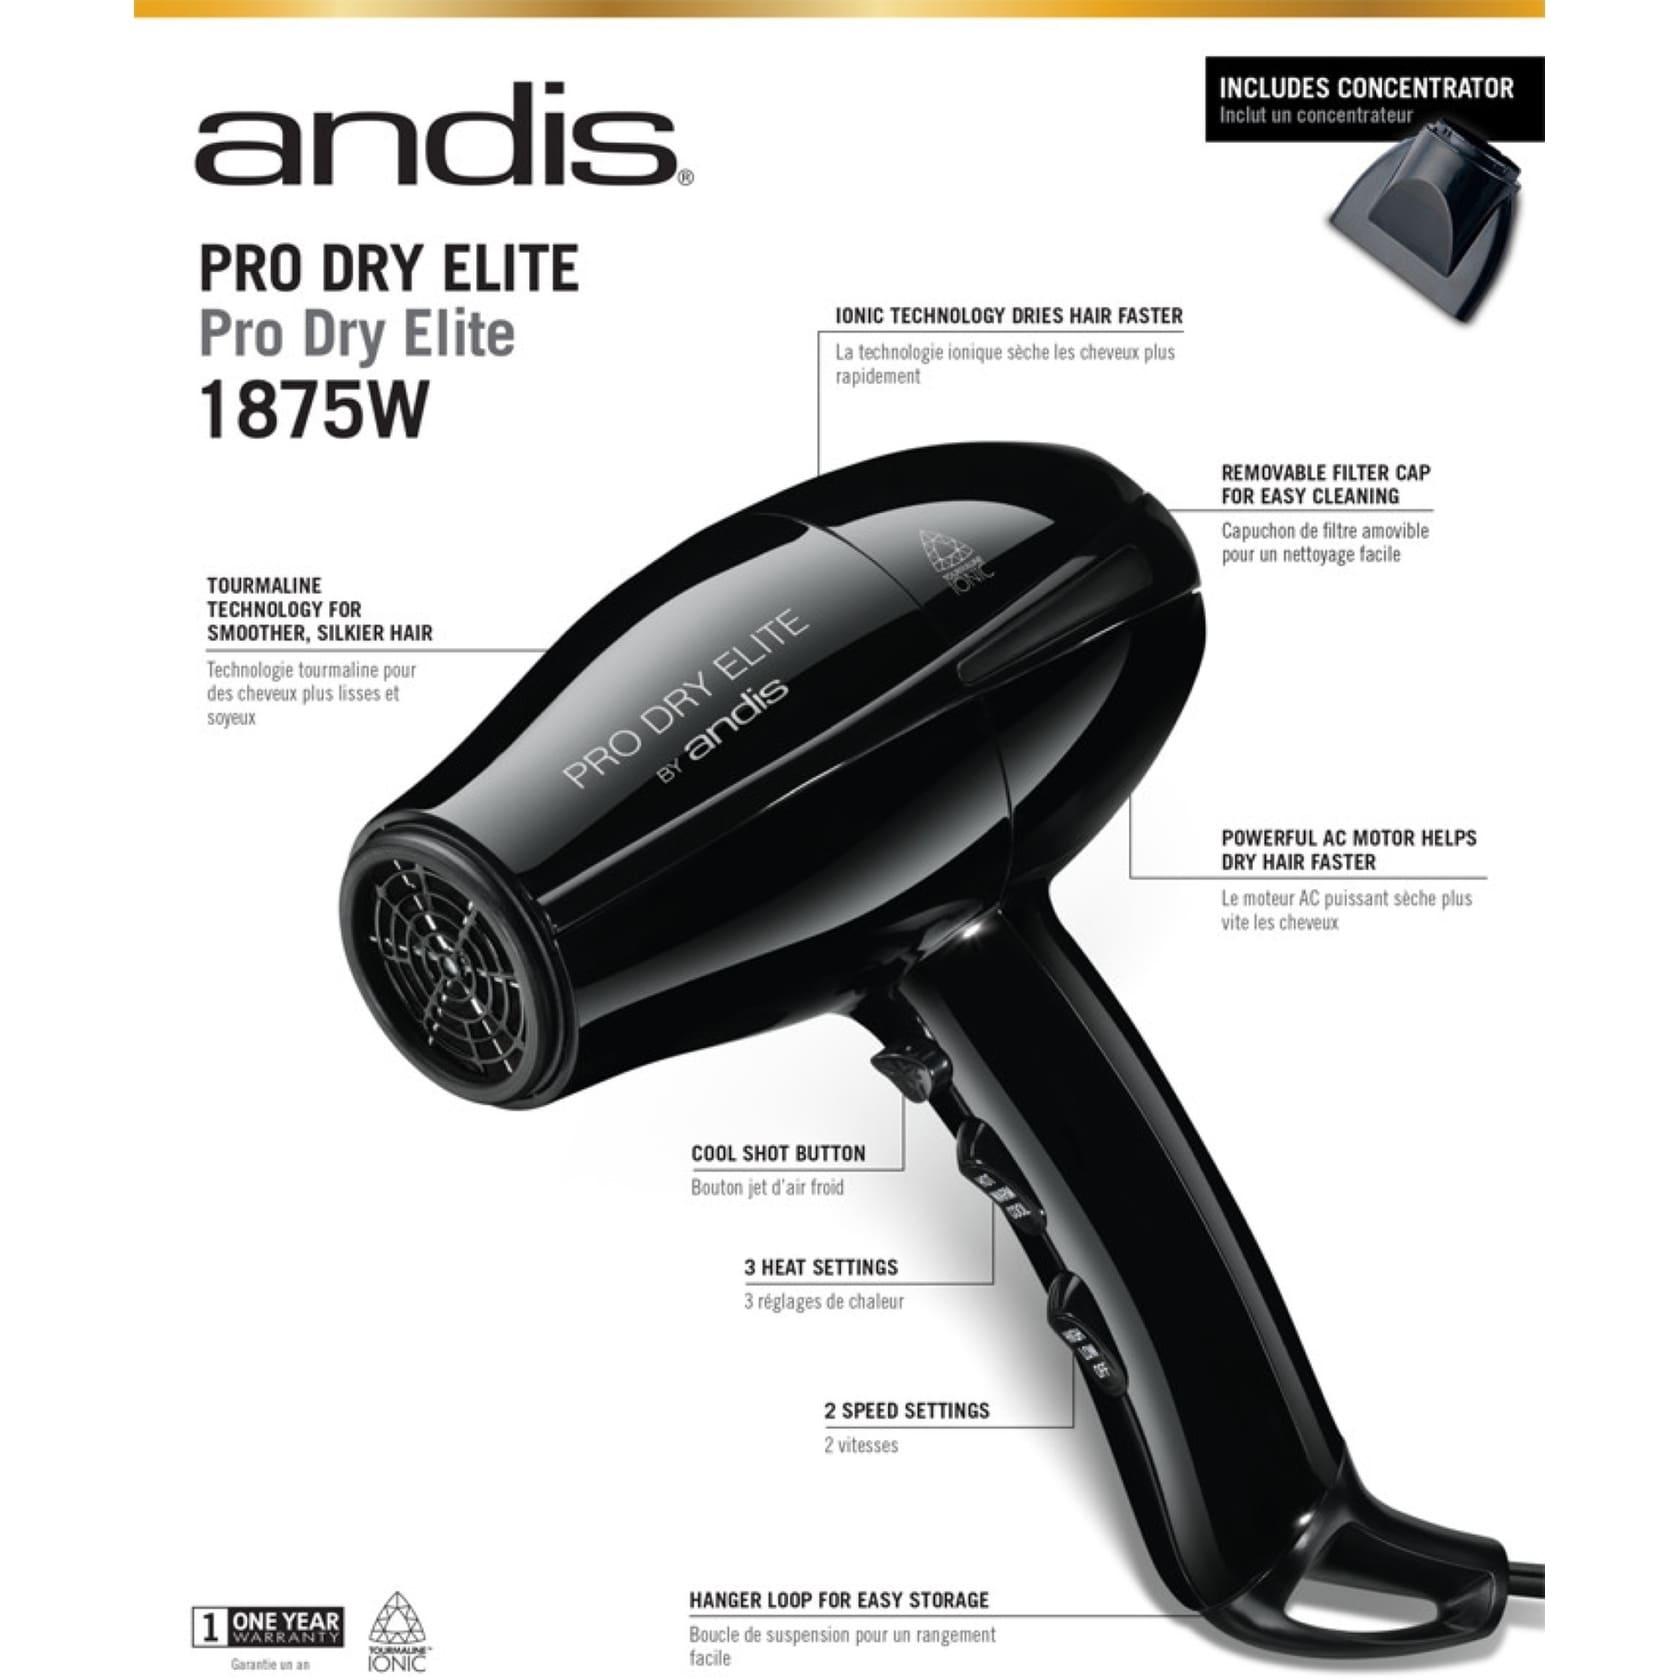 Rangement Pour Seche Cheveux andis pro dry elite ac-6 hair dryer